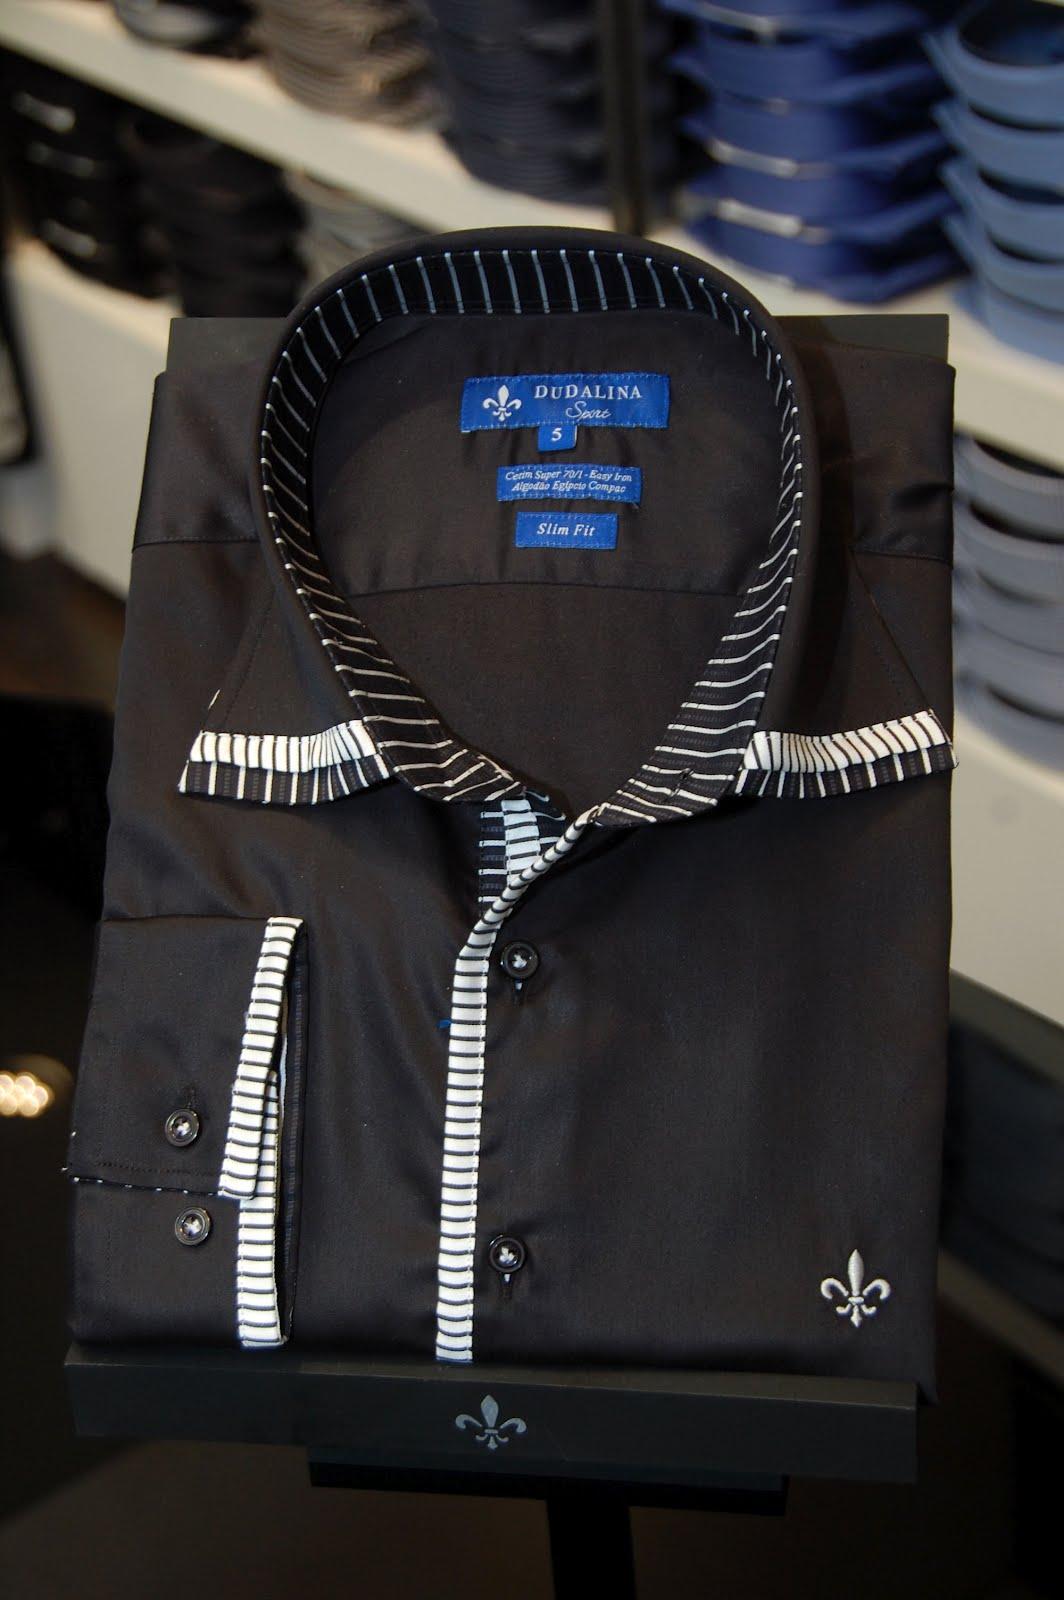 3f802b8c1c ... sobras de tecidos das produções de camisas. A geração de renda é feita  através da confecção de bolsas por várias instituições cadastradas pelo  Instituto ...